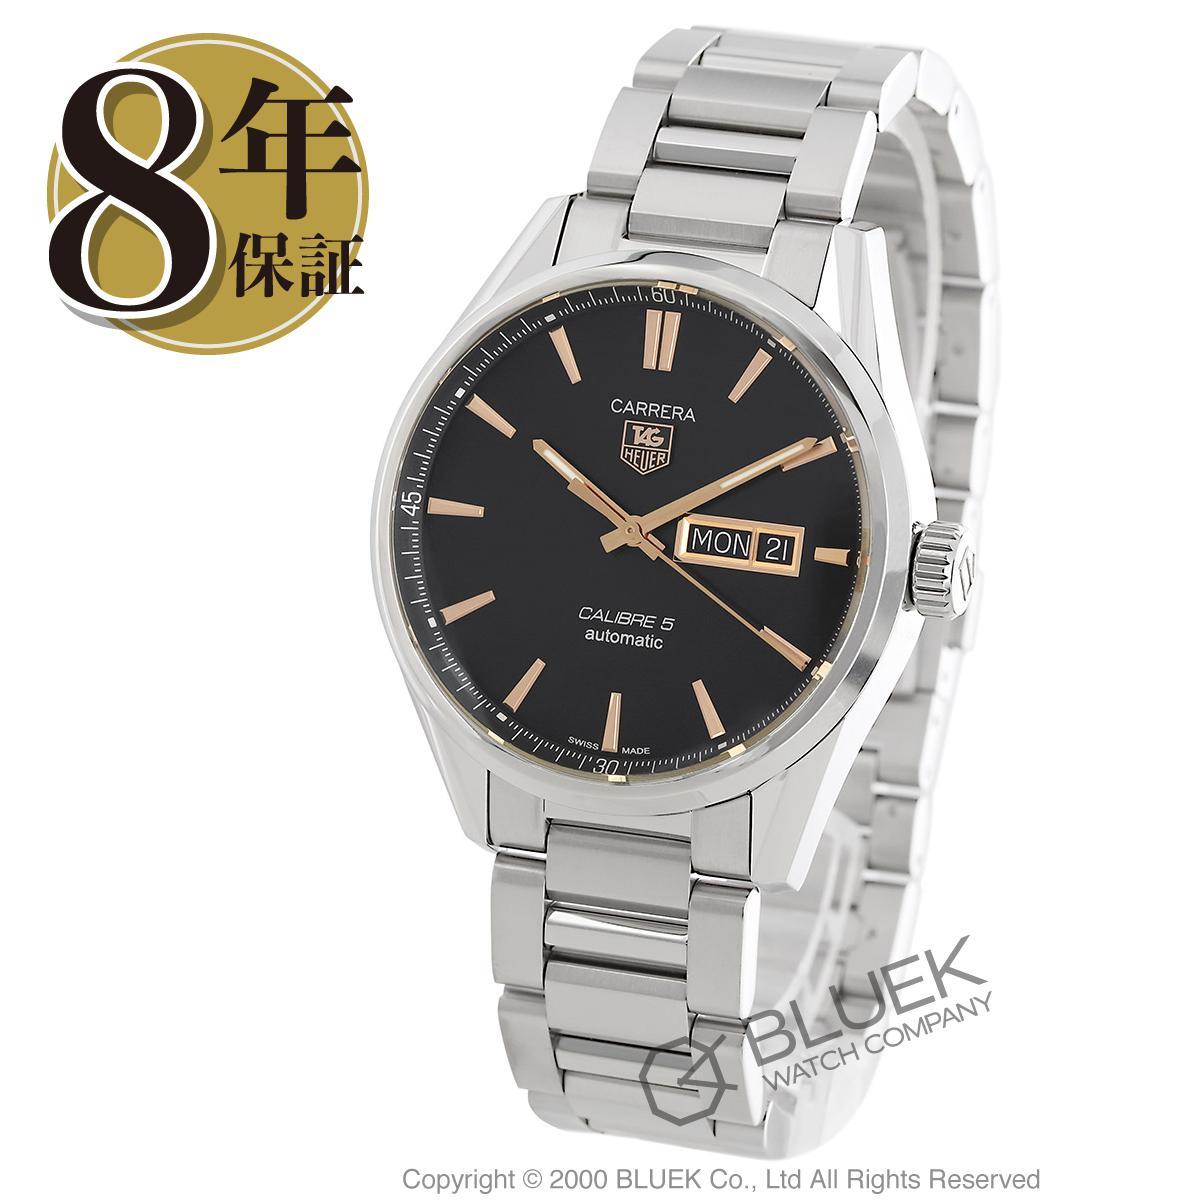 【6,000円OFFクーポン対象】タグホイヤー カレラ 腕時計 メンズ TAG Heuer WAR201C.BA0723_8